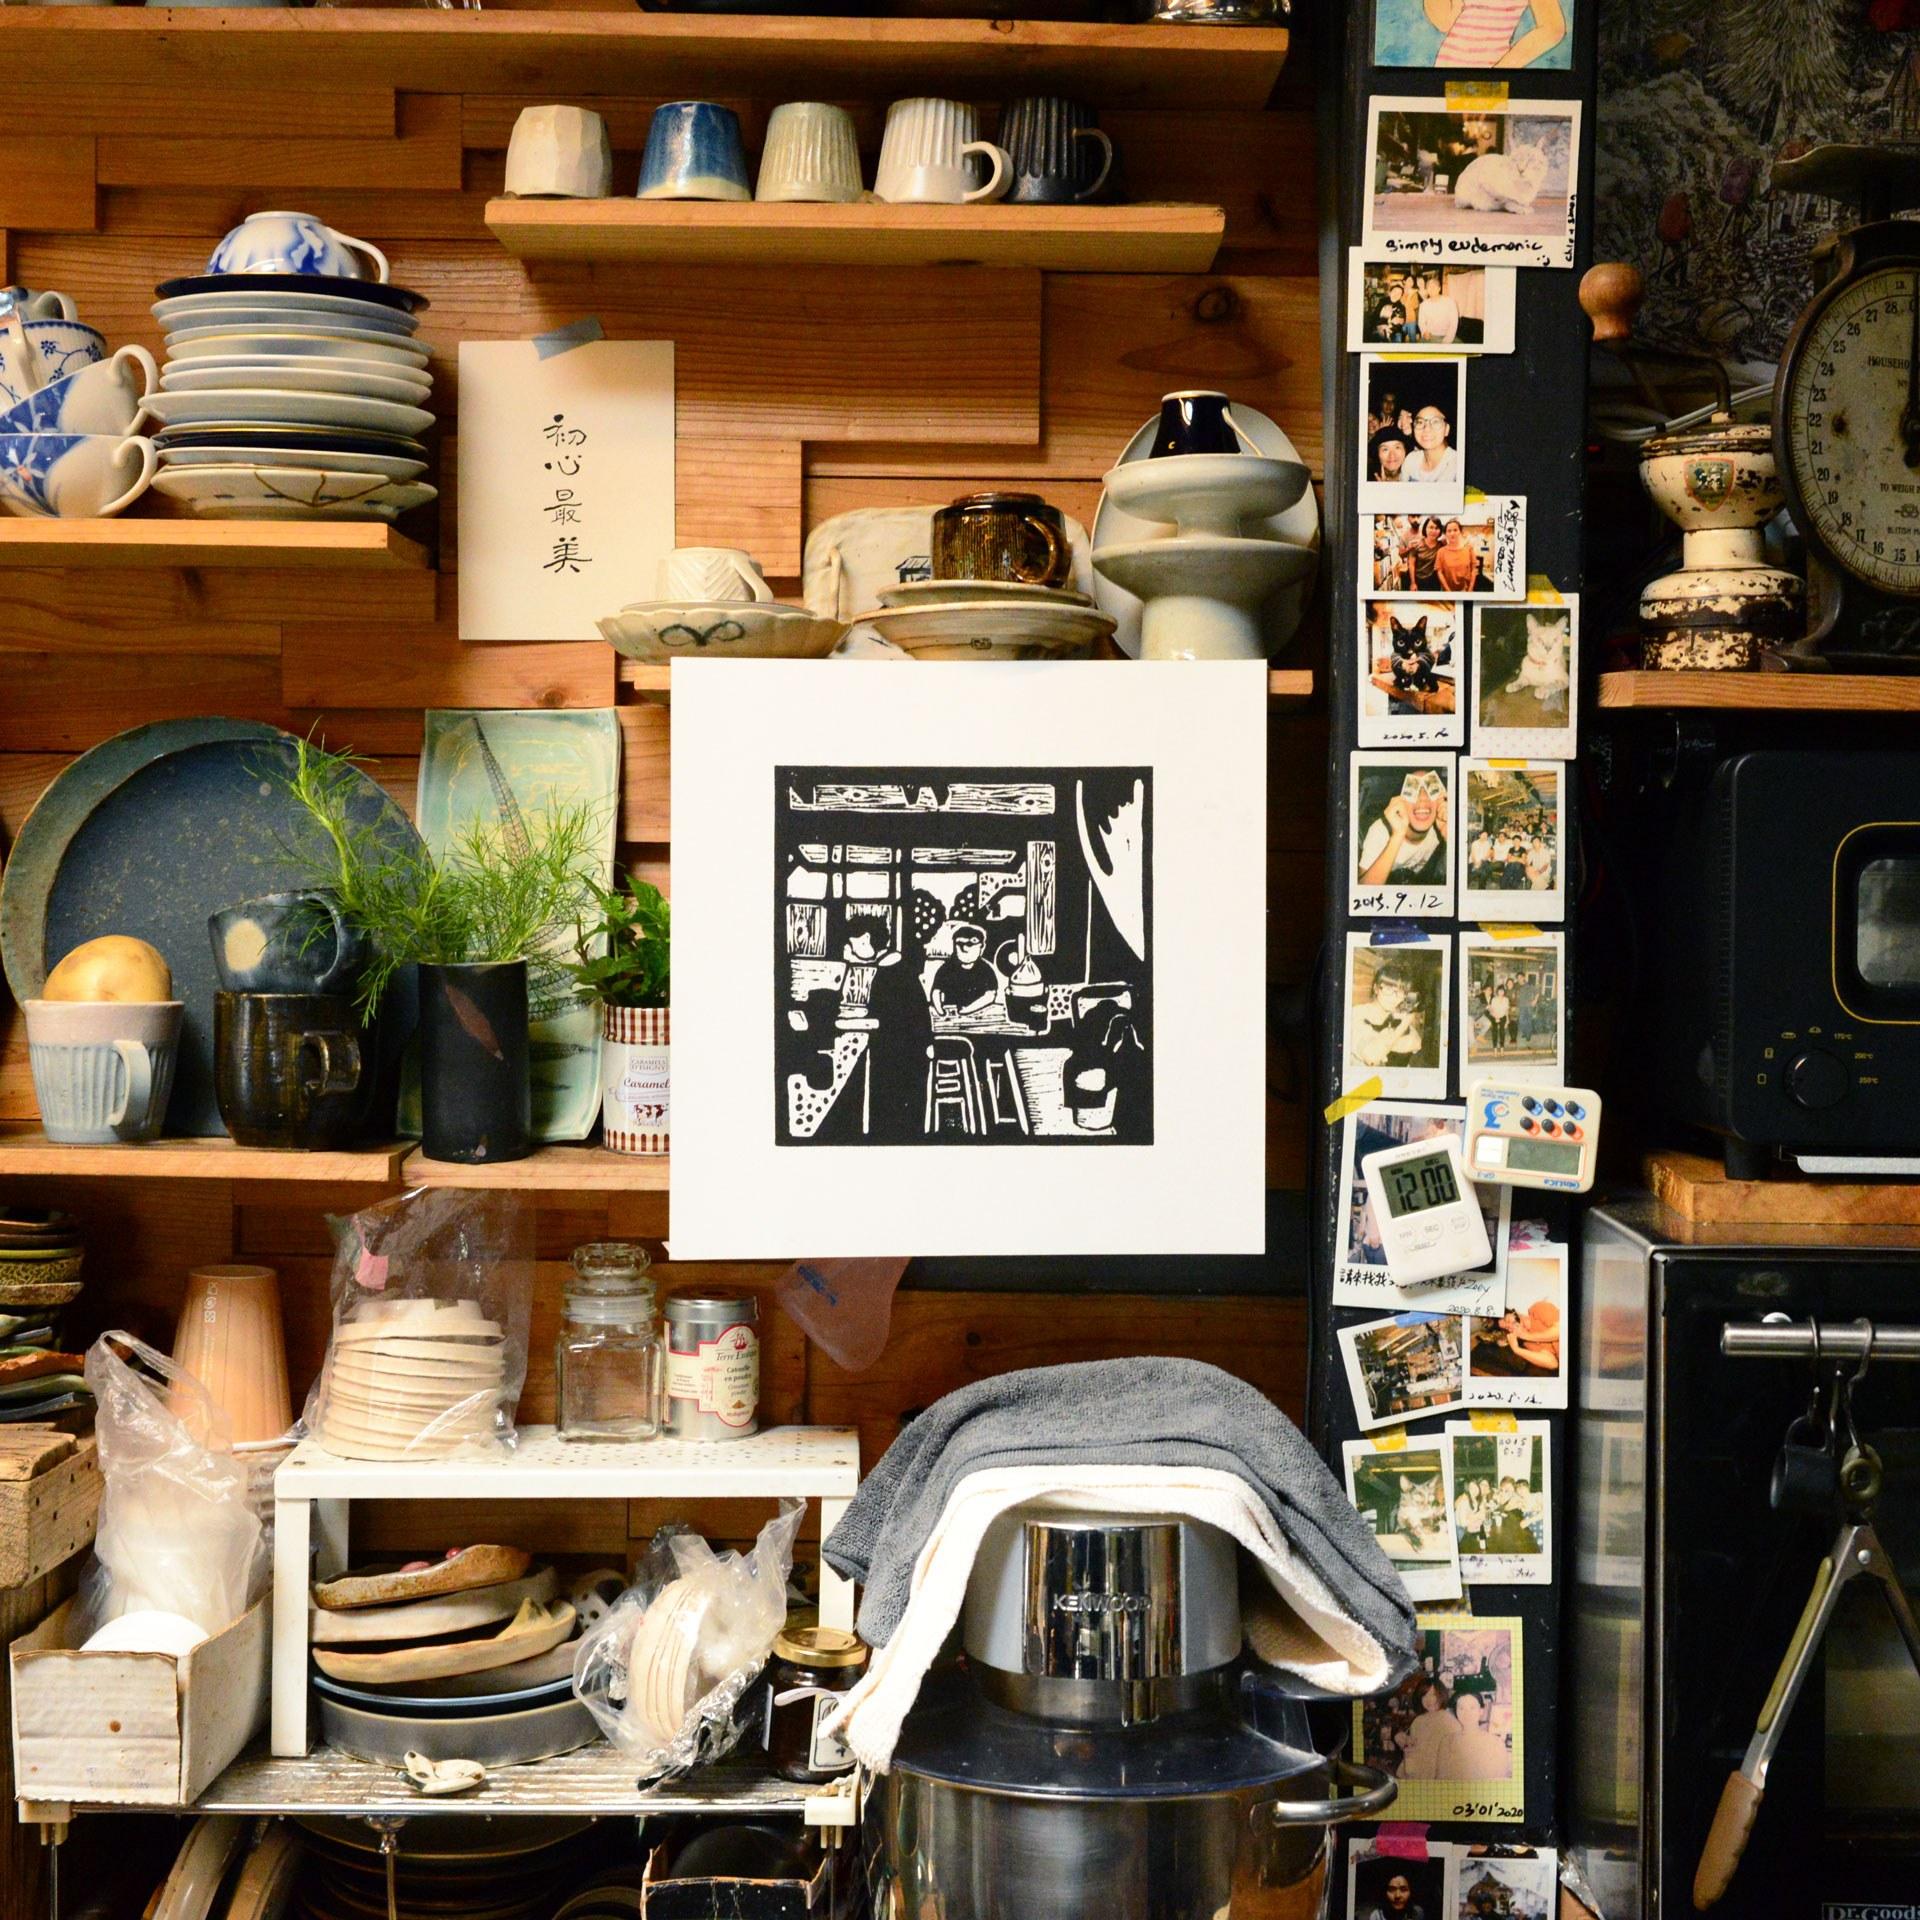 Lino print in Caffee Fiore